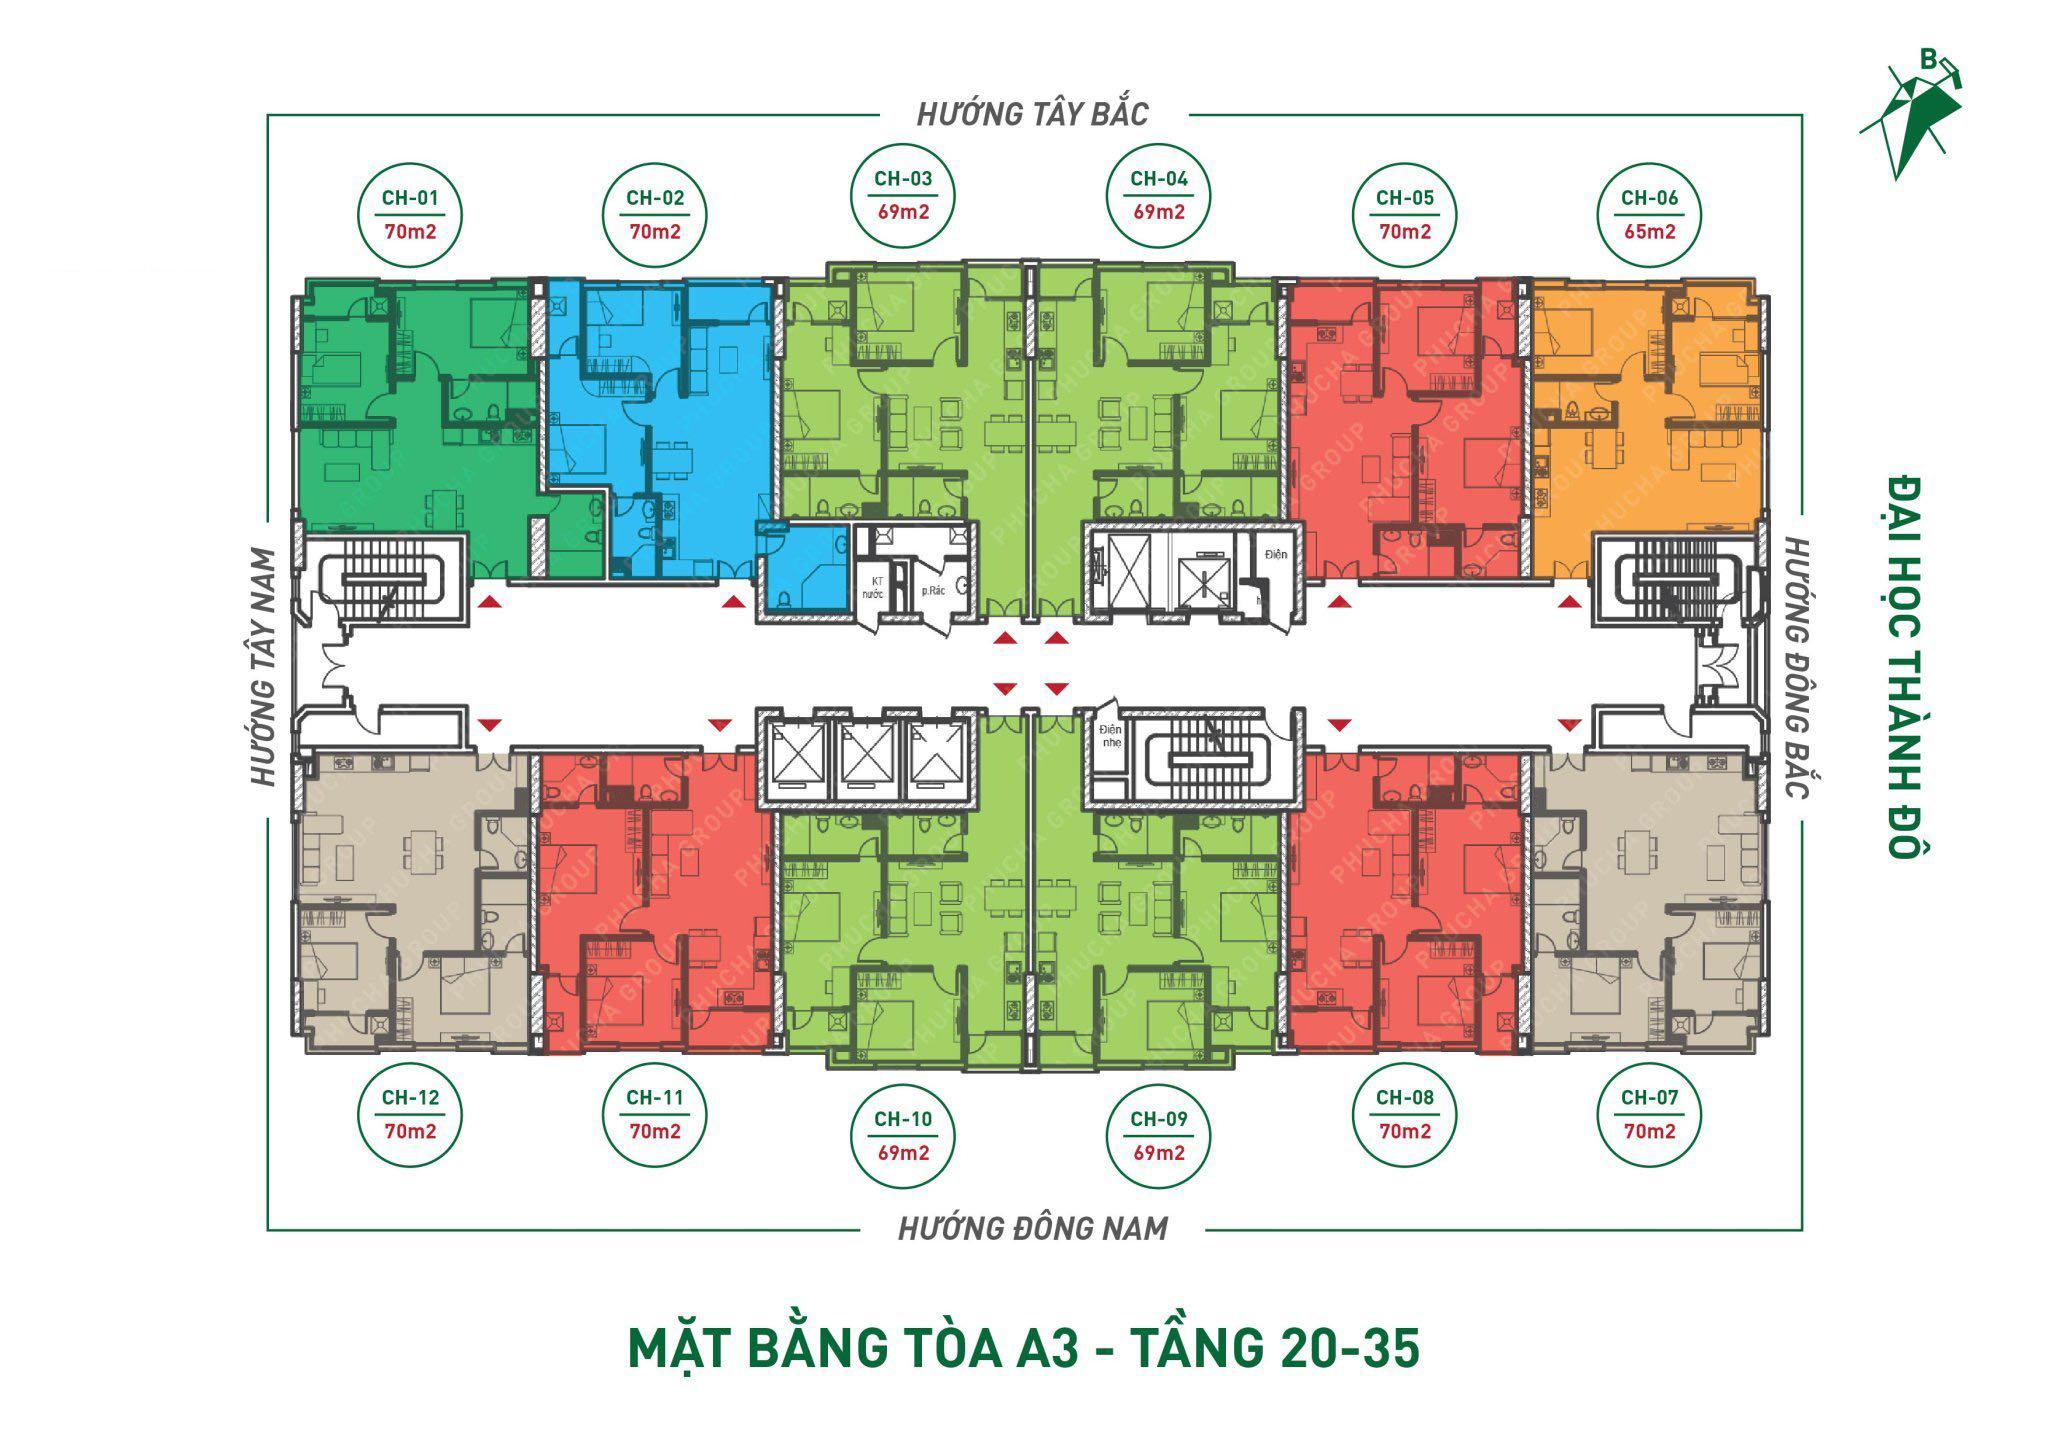 Mặt bằng A3 - Tầng 20 - Tầng 35 Dự án THT New City